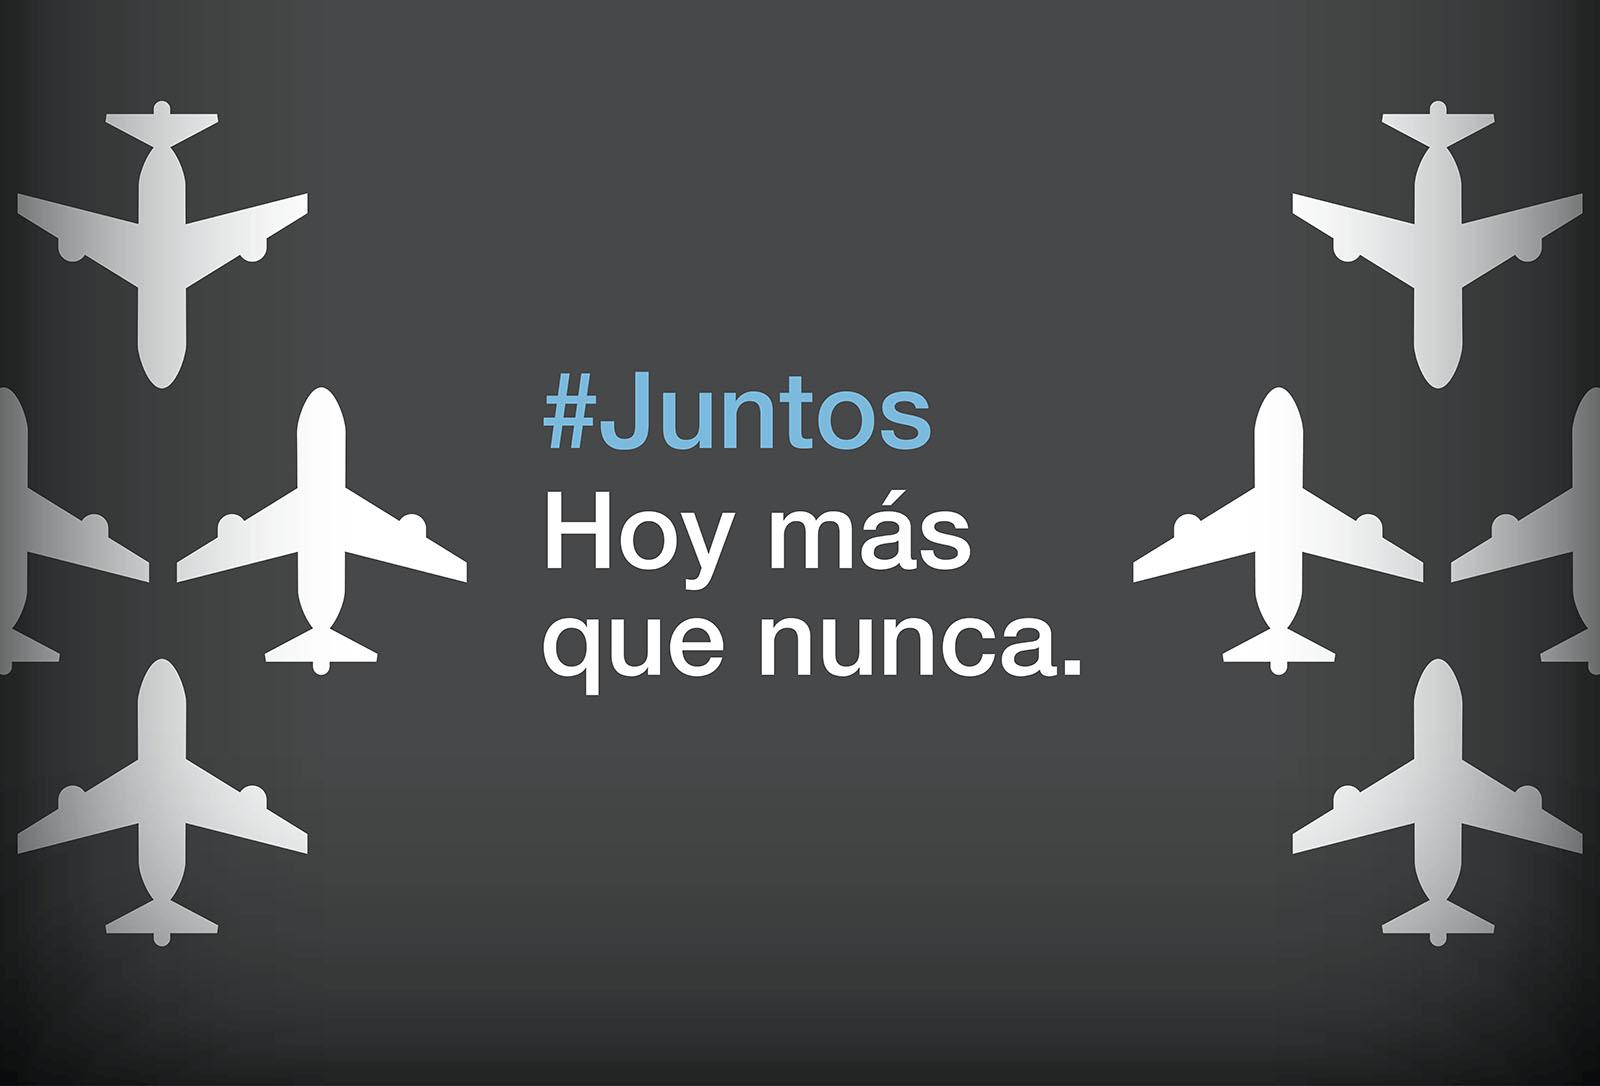 #Juntos hoy más que nunca